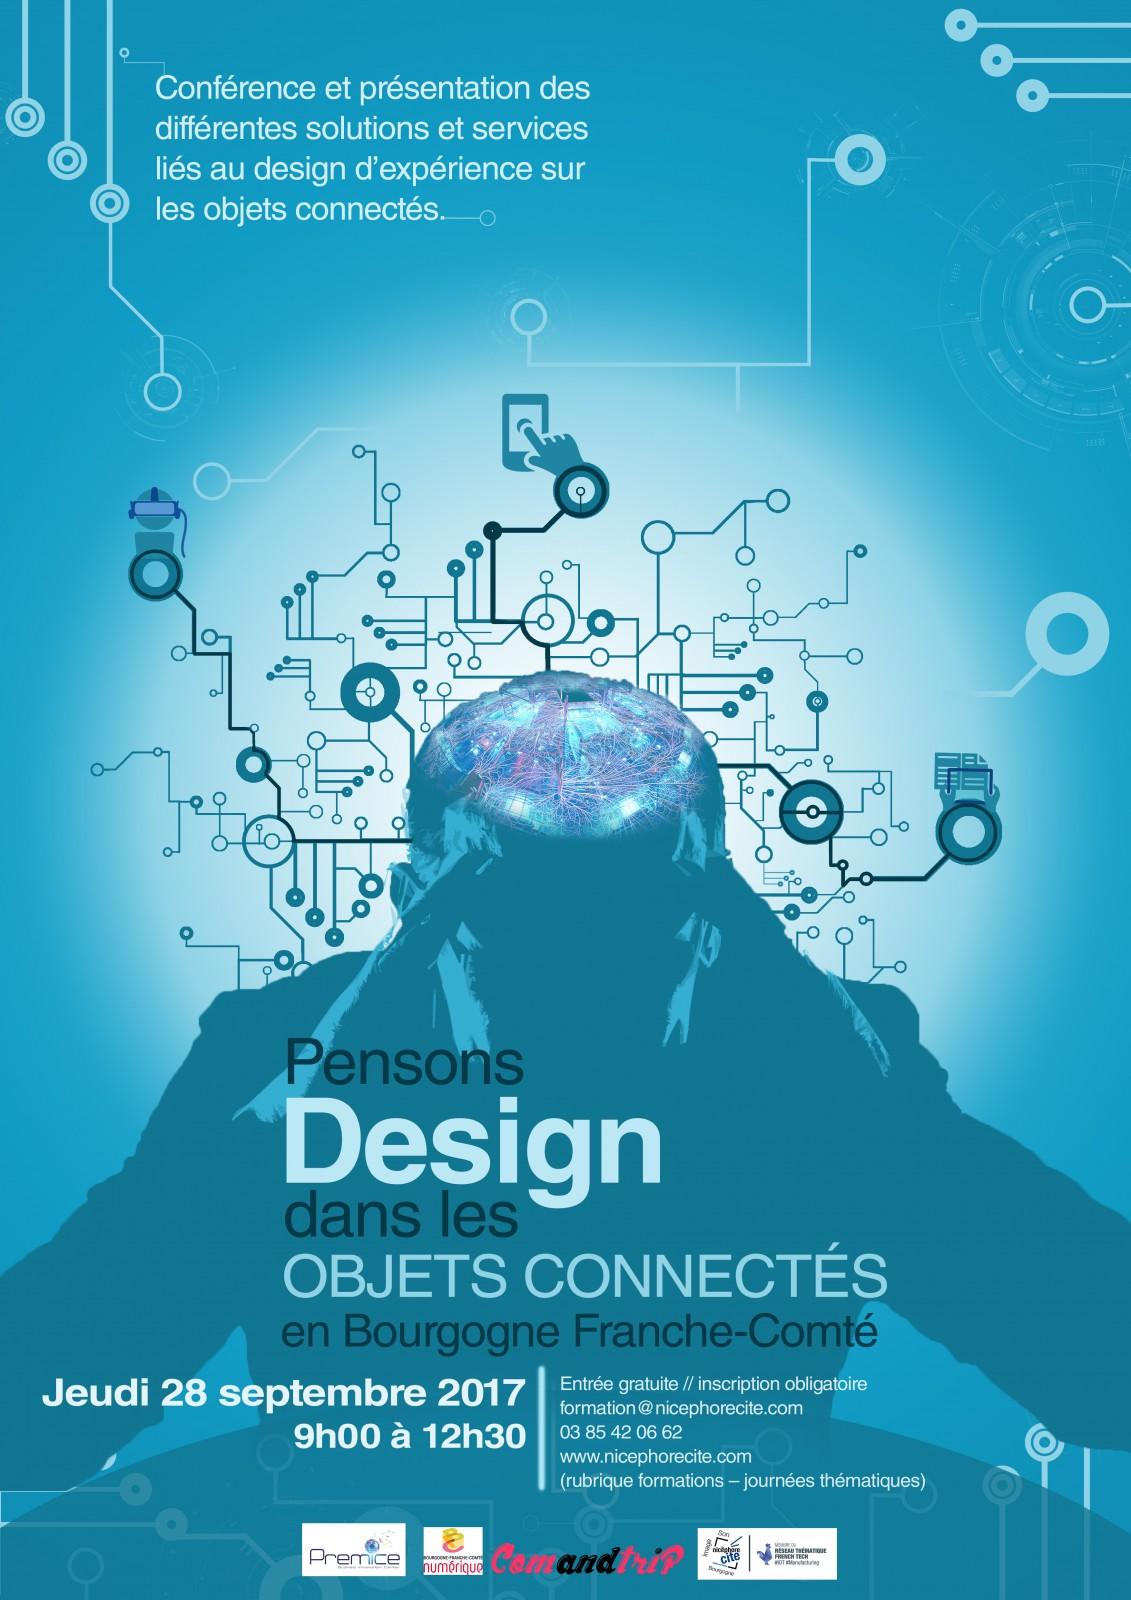 Affiche pensons design dans les objets connecte s